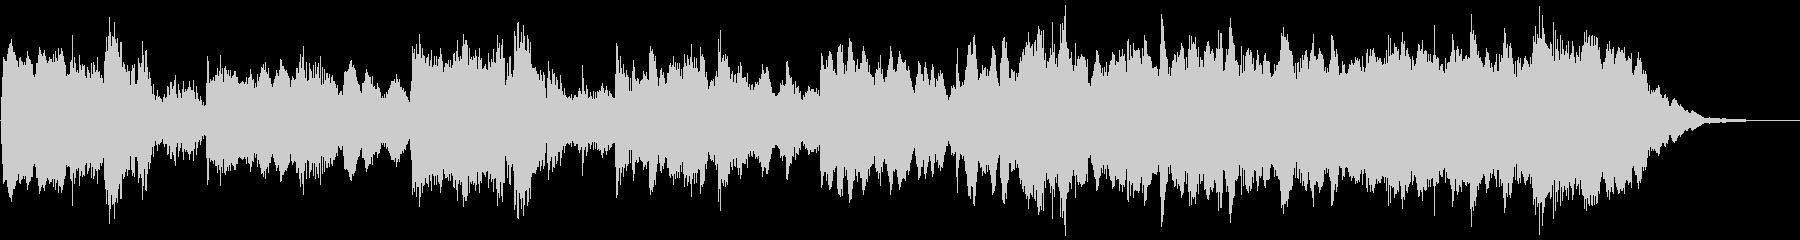 ハロウィン系BGM ピアノ主体のジングルの未再生の波形